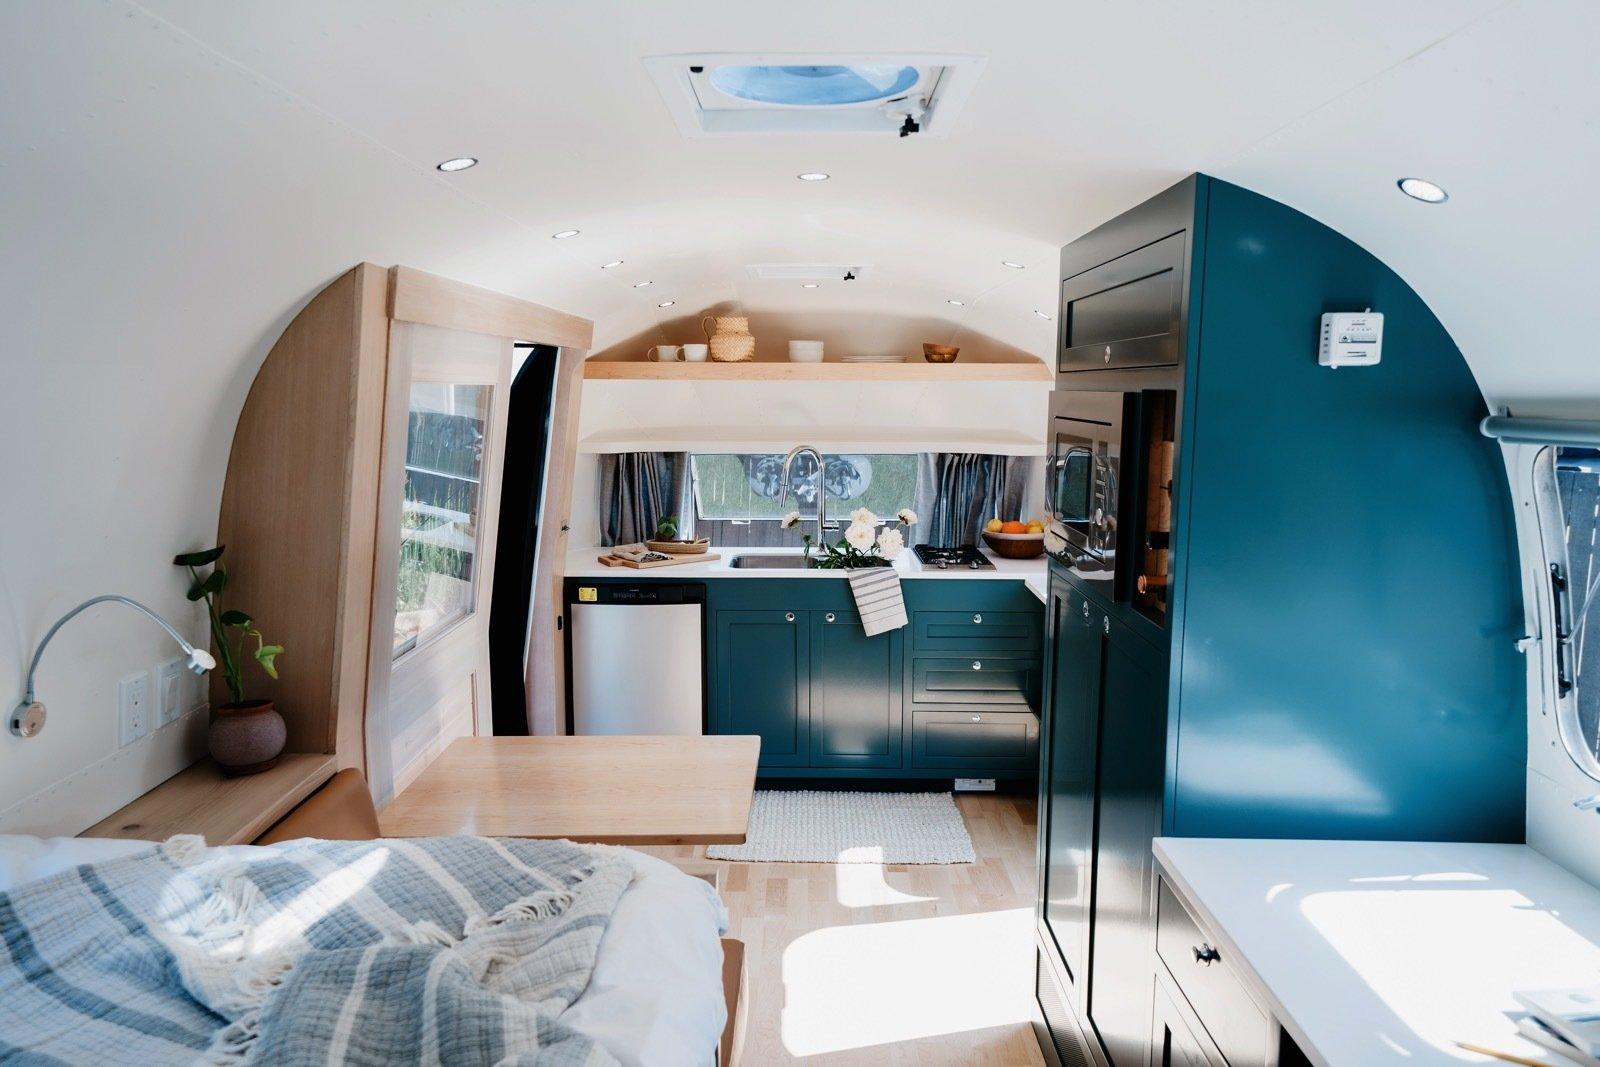 Alice Airstream Tradewind kitchen